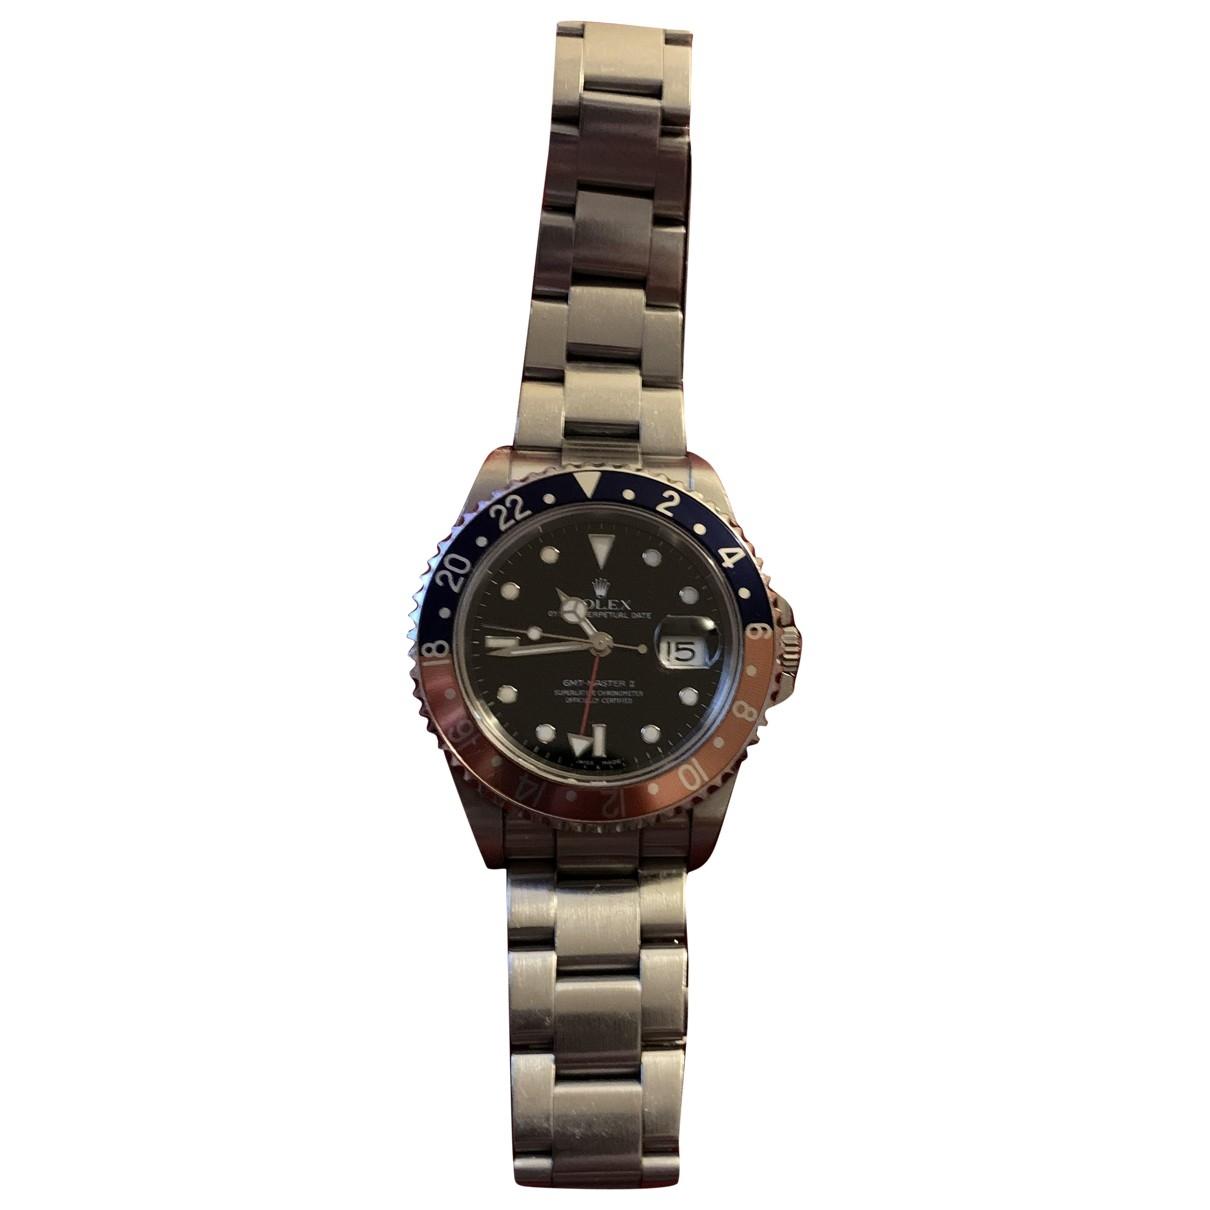 Rolex GMT-Master II Uhr in  Grau Stahl